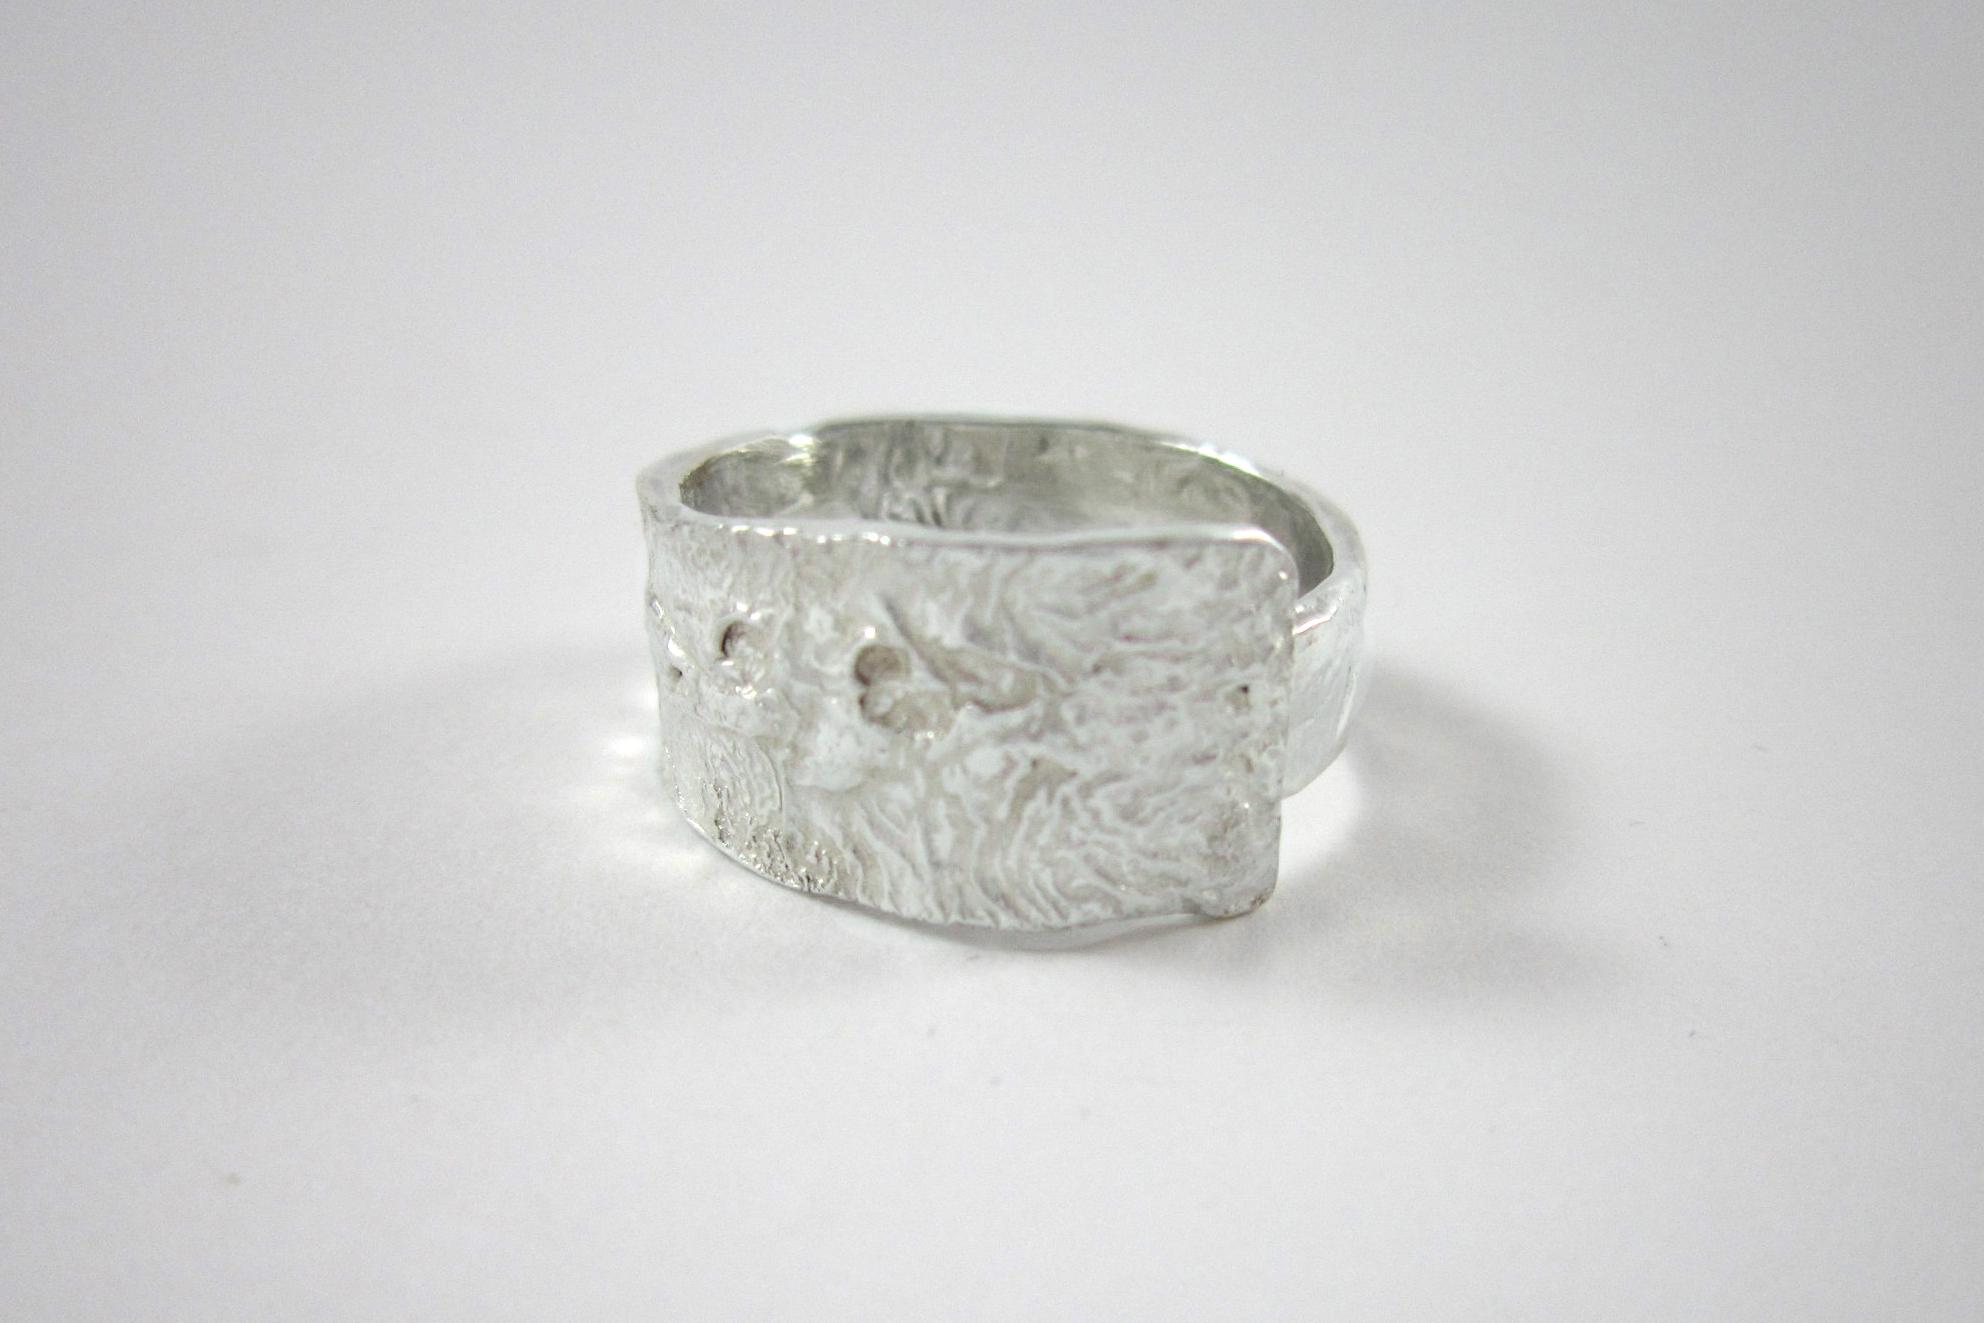 Zilveren ring met gereticuleerd oppervlak.